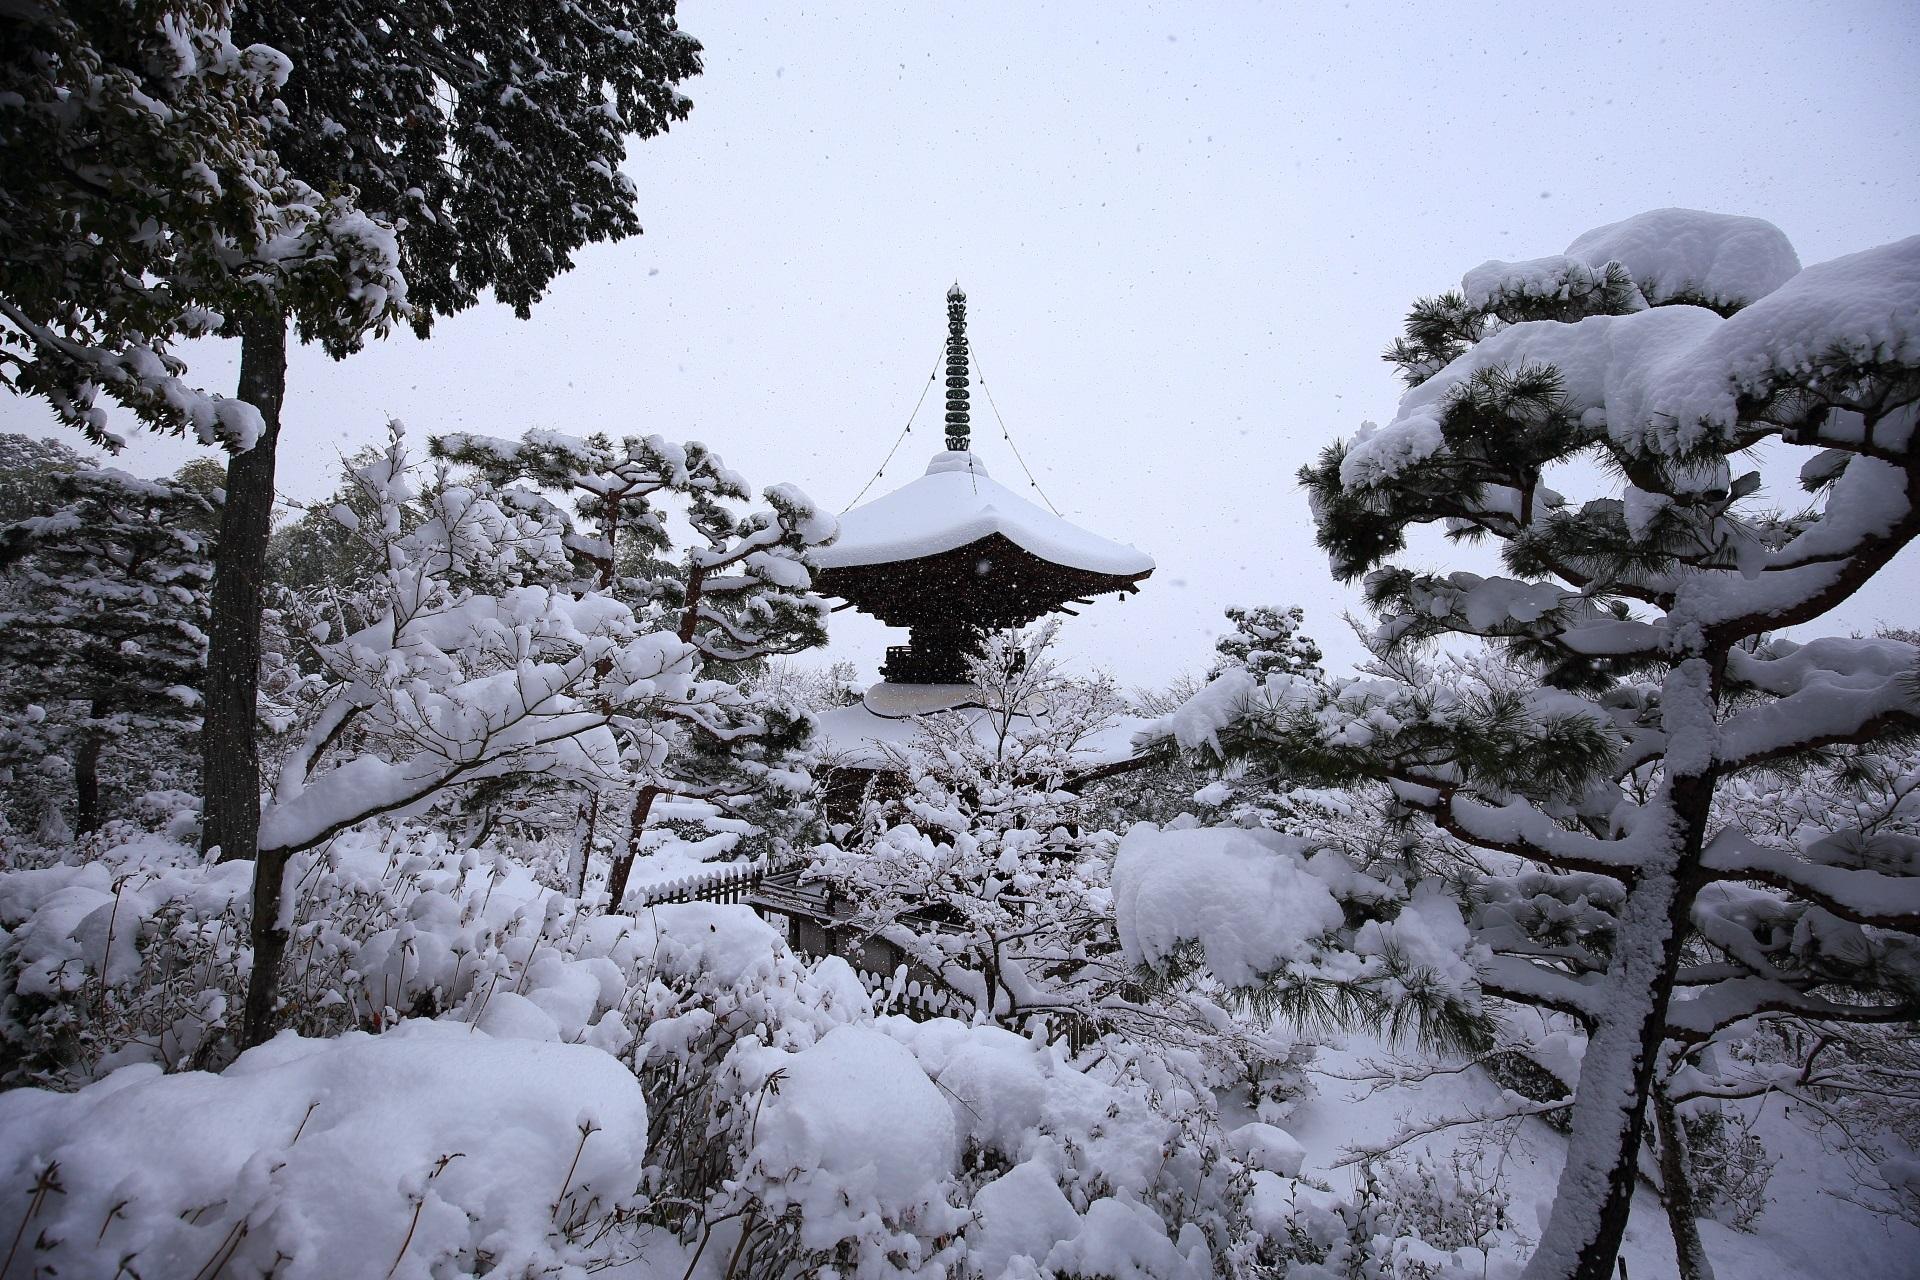 上から眺めた宝塔と周辺の雪景色